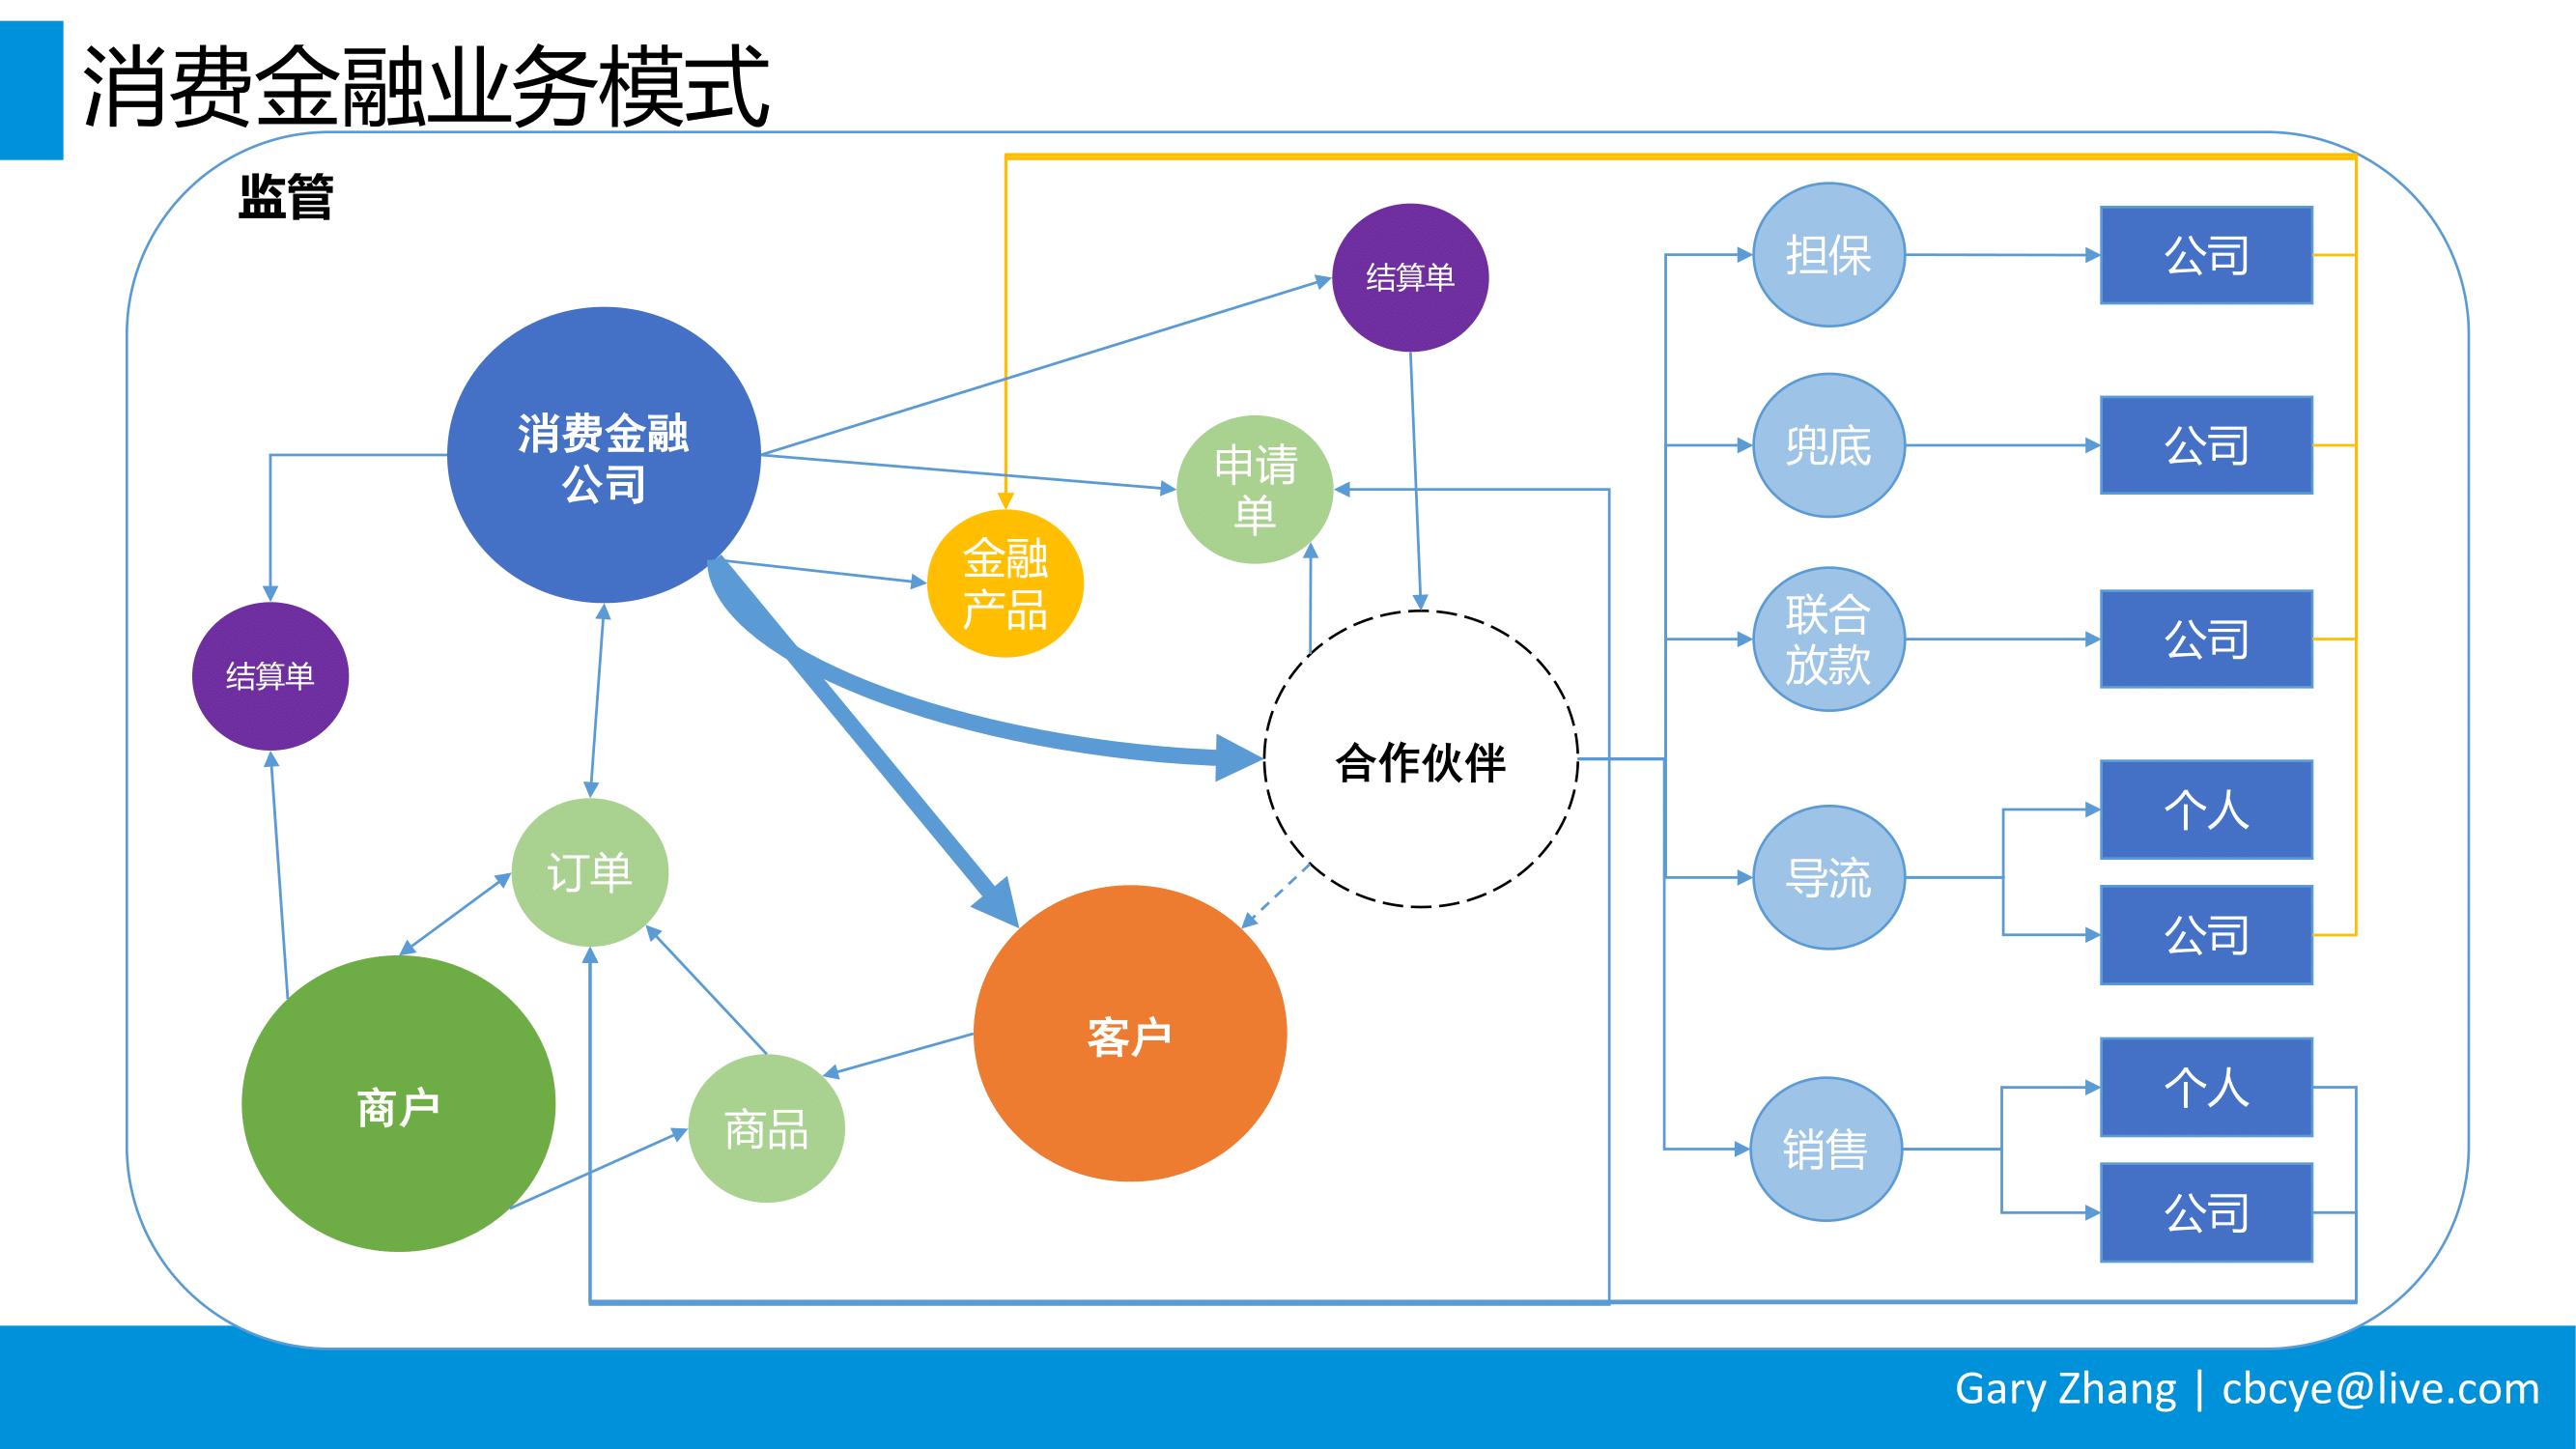 消费金融业务全流程指南_v1.0-008